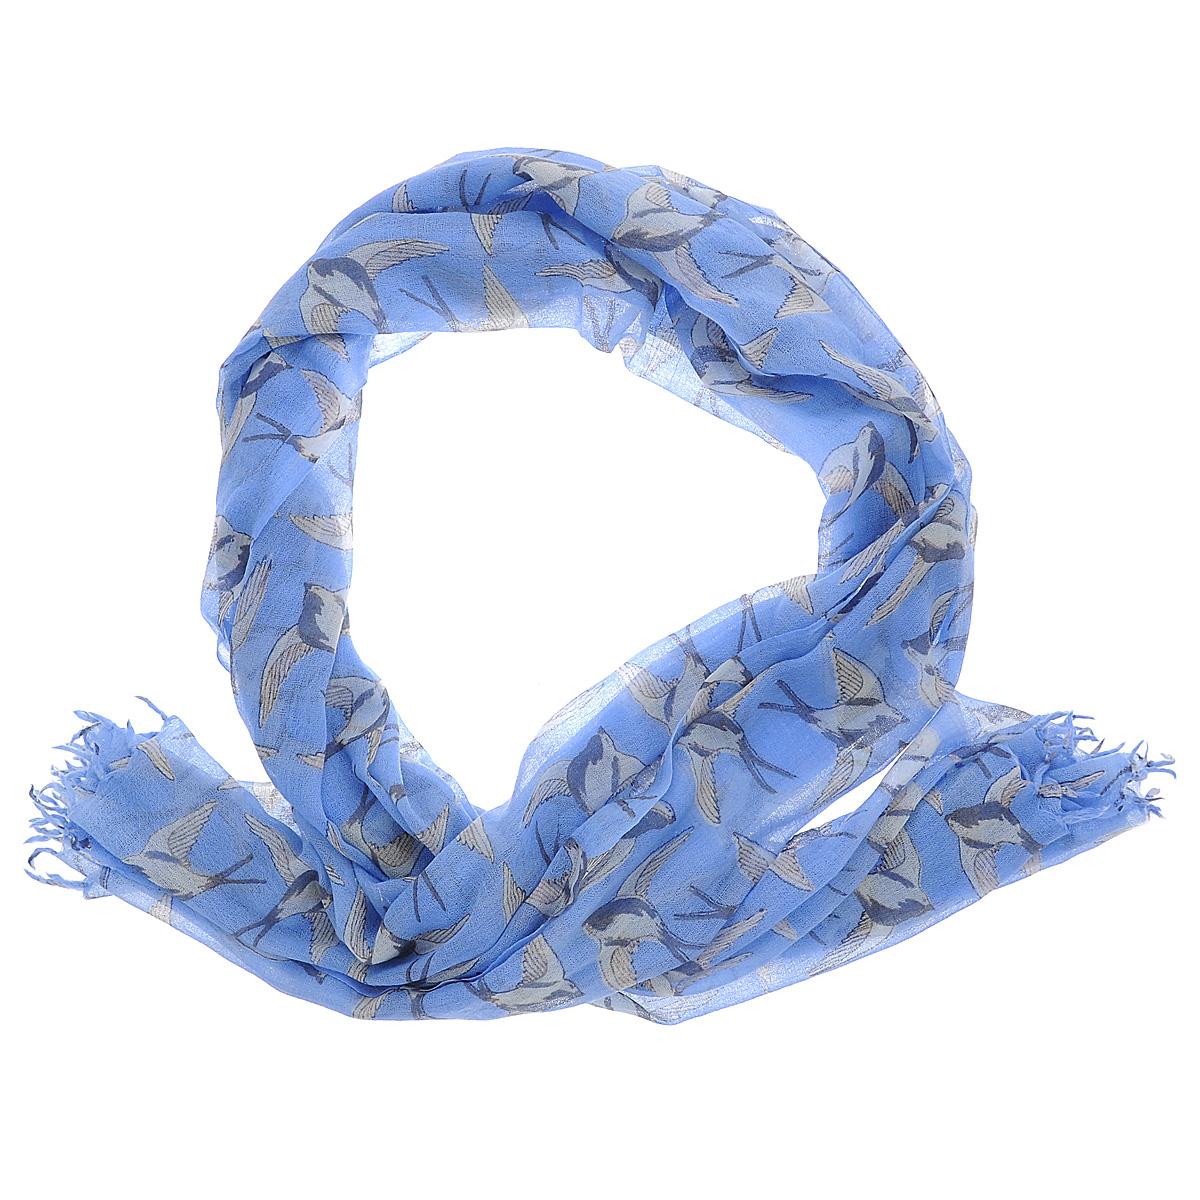 Палантин Michel Katana, цвет: синий, бежевый, серый. W-DOVE/GREEN. Размер 100 см x 200 смW-DOVE/GREENСтильный палантин Michel Katana W-DOVE согреет в холодное время года, а также станет изысканным аксессуаром, который призван подчеркнуть вашу индивидуальность и стиль. Палантин выполнен из шерсти и декорирован оригинальным орнаментом с изображением ласточек. По краям изделие оформлено кистями.